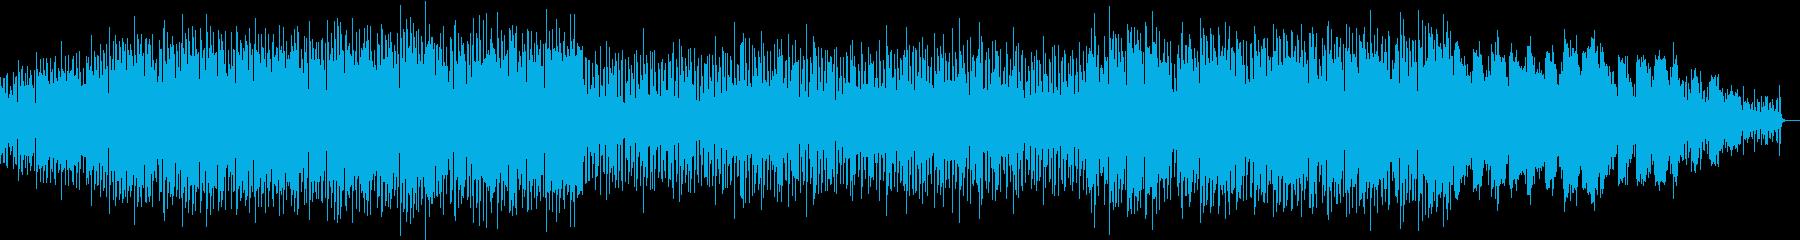 秘めた怒りを重厚なSynとGtで表した曲の再生済みの波形